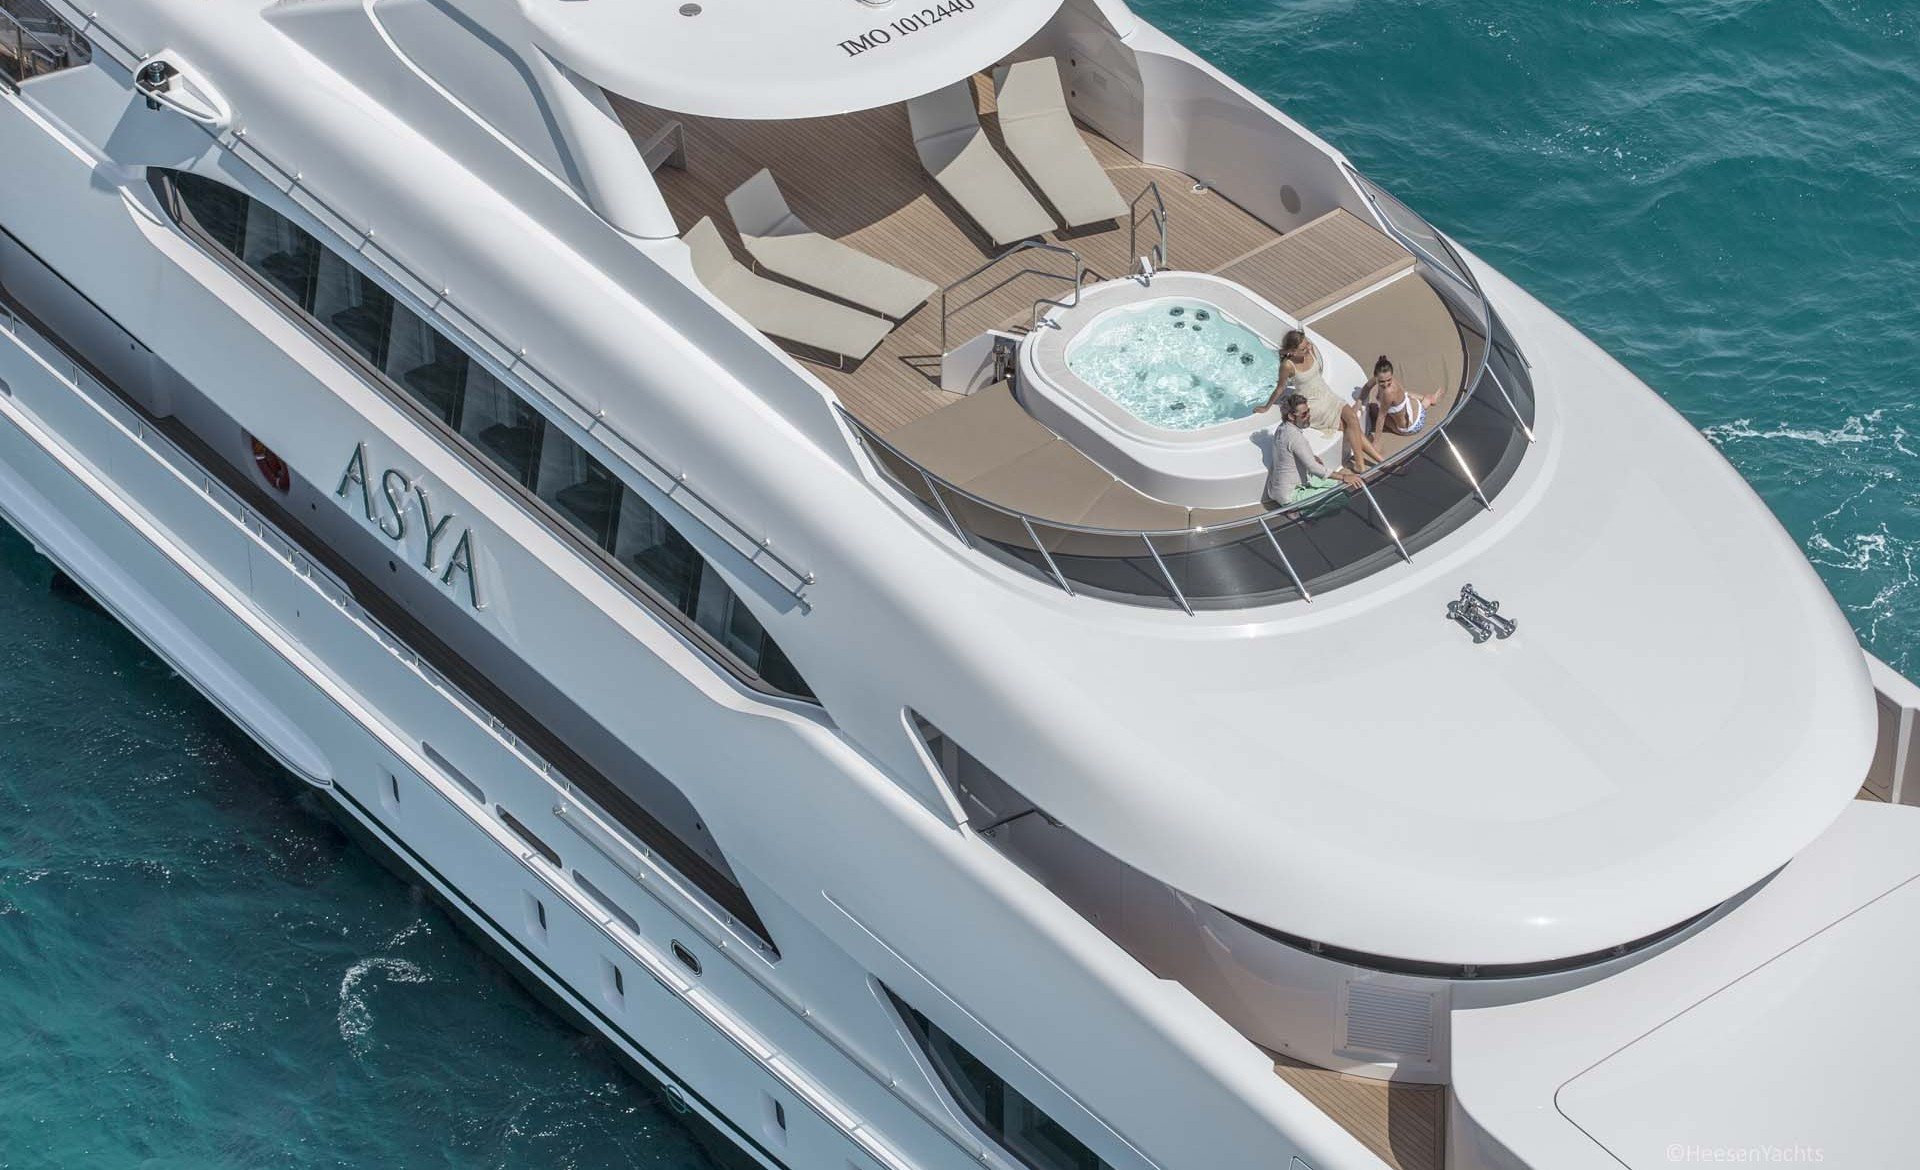 Relaxing aboard luxury superyacht.jpg